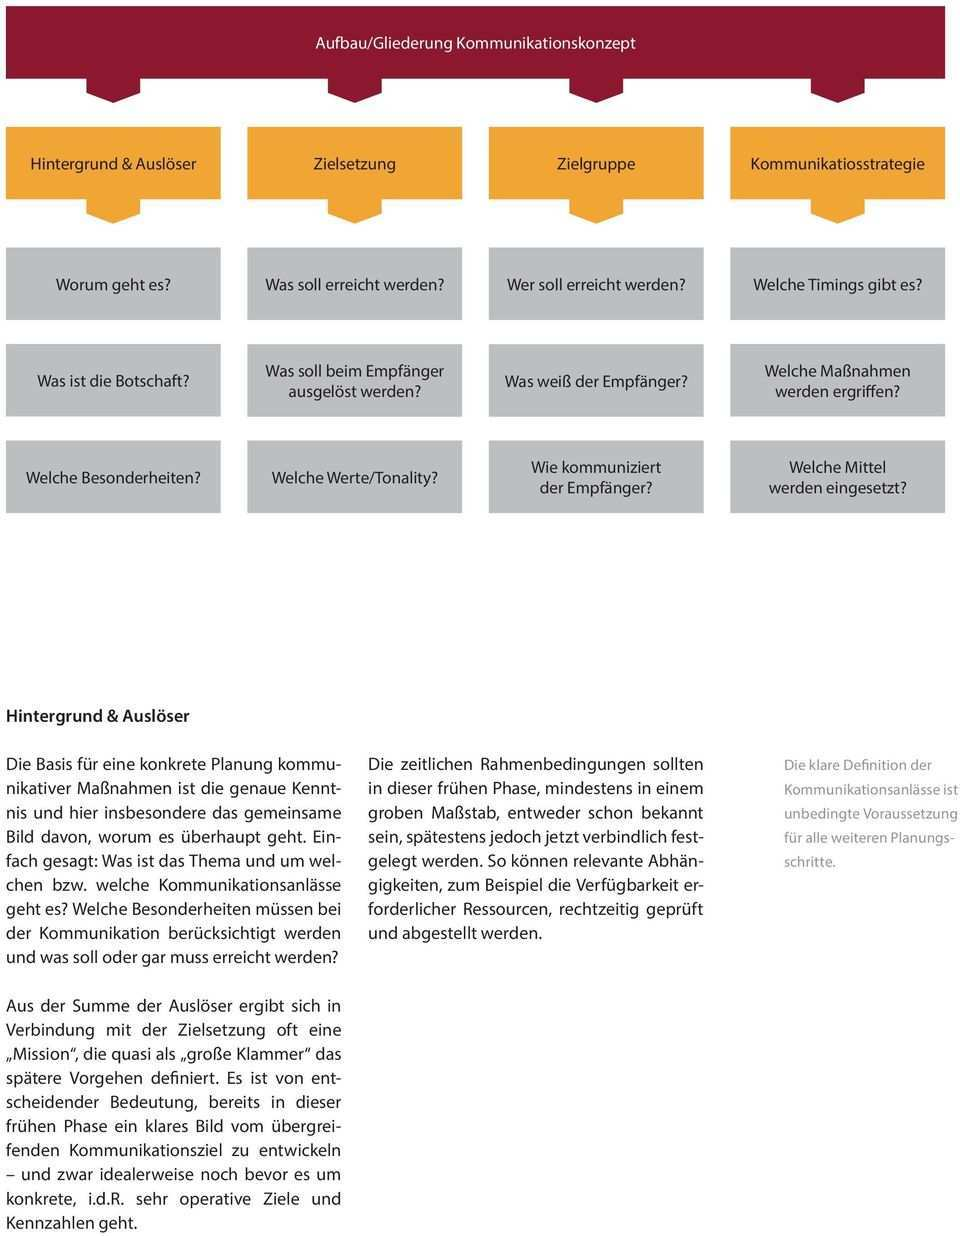 Das Kommunikationskonzept Pdf Kostenfreier Download